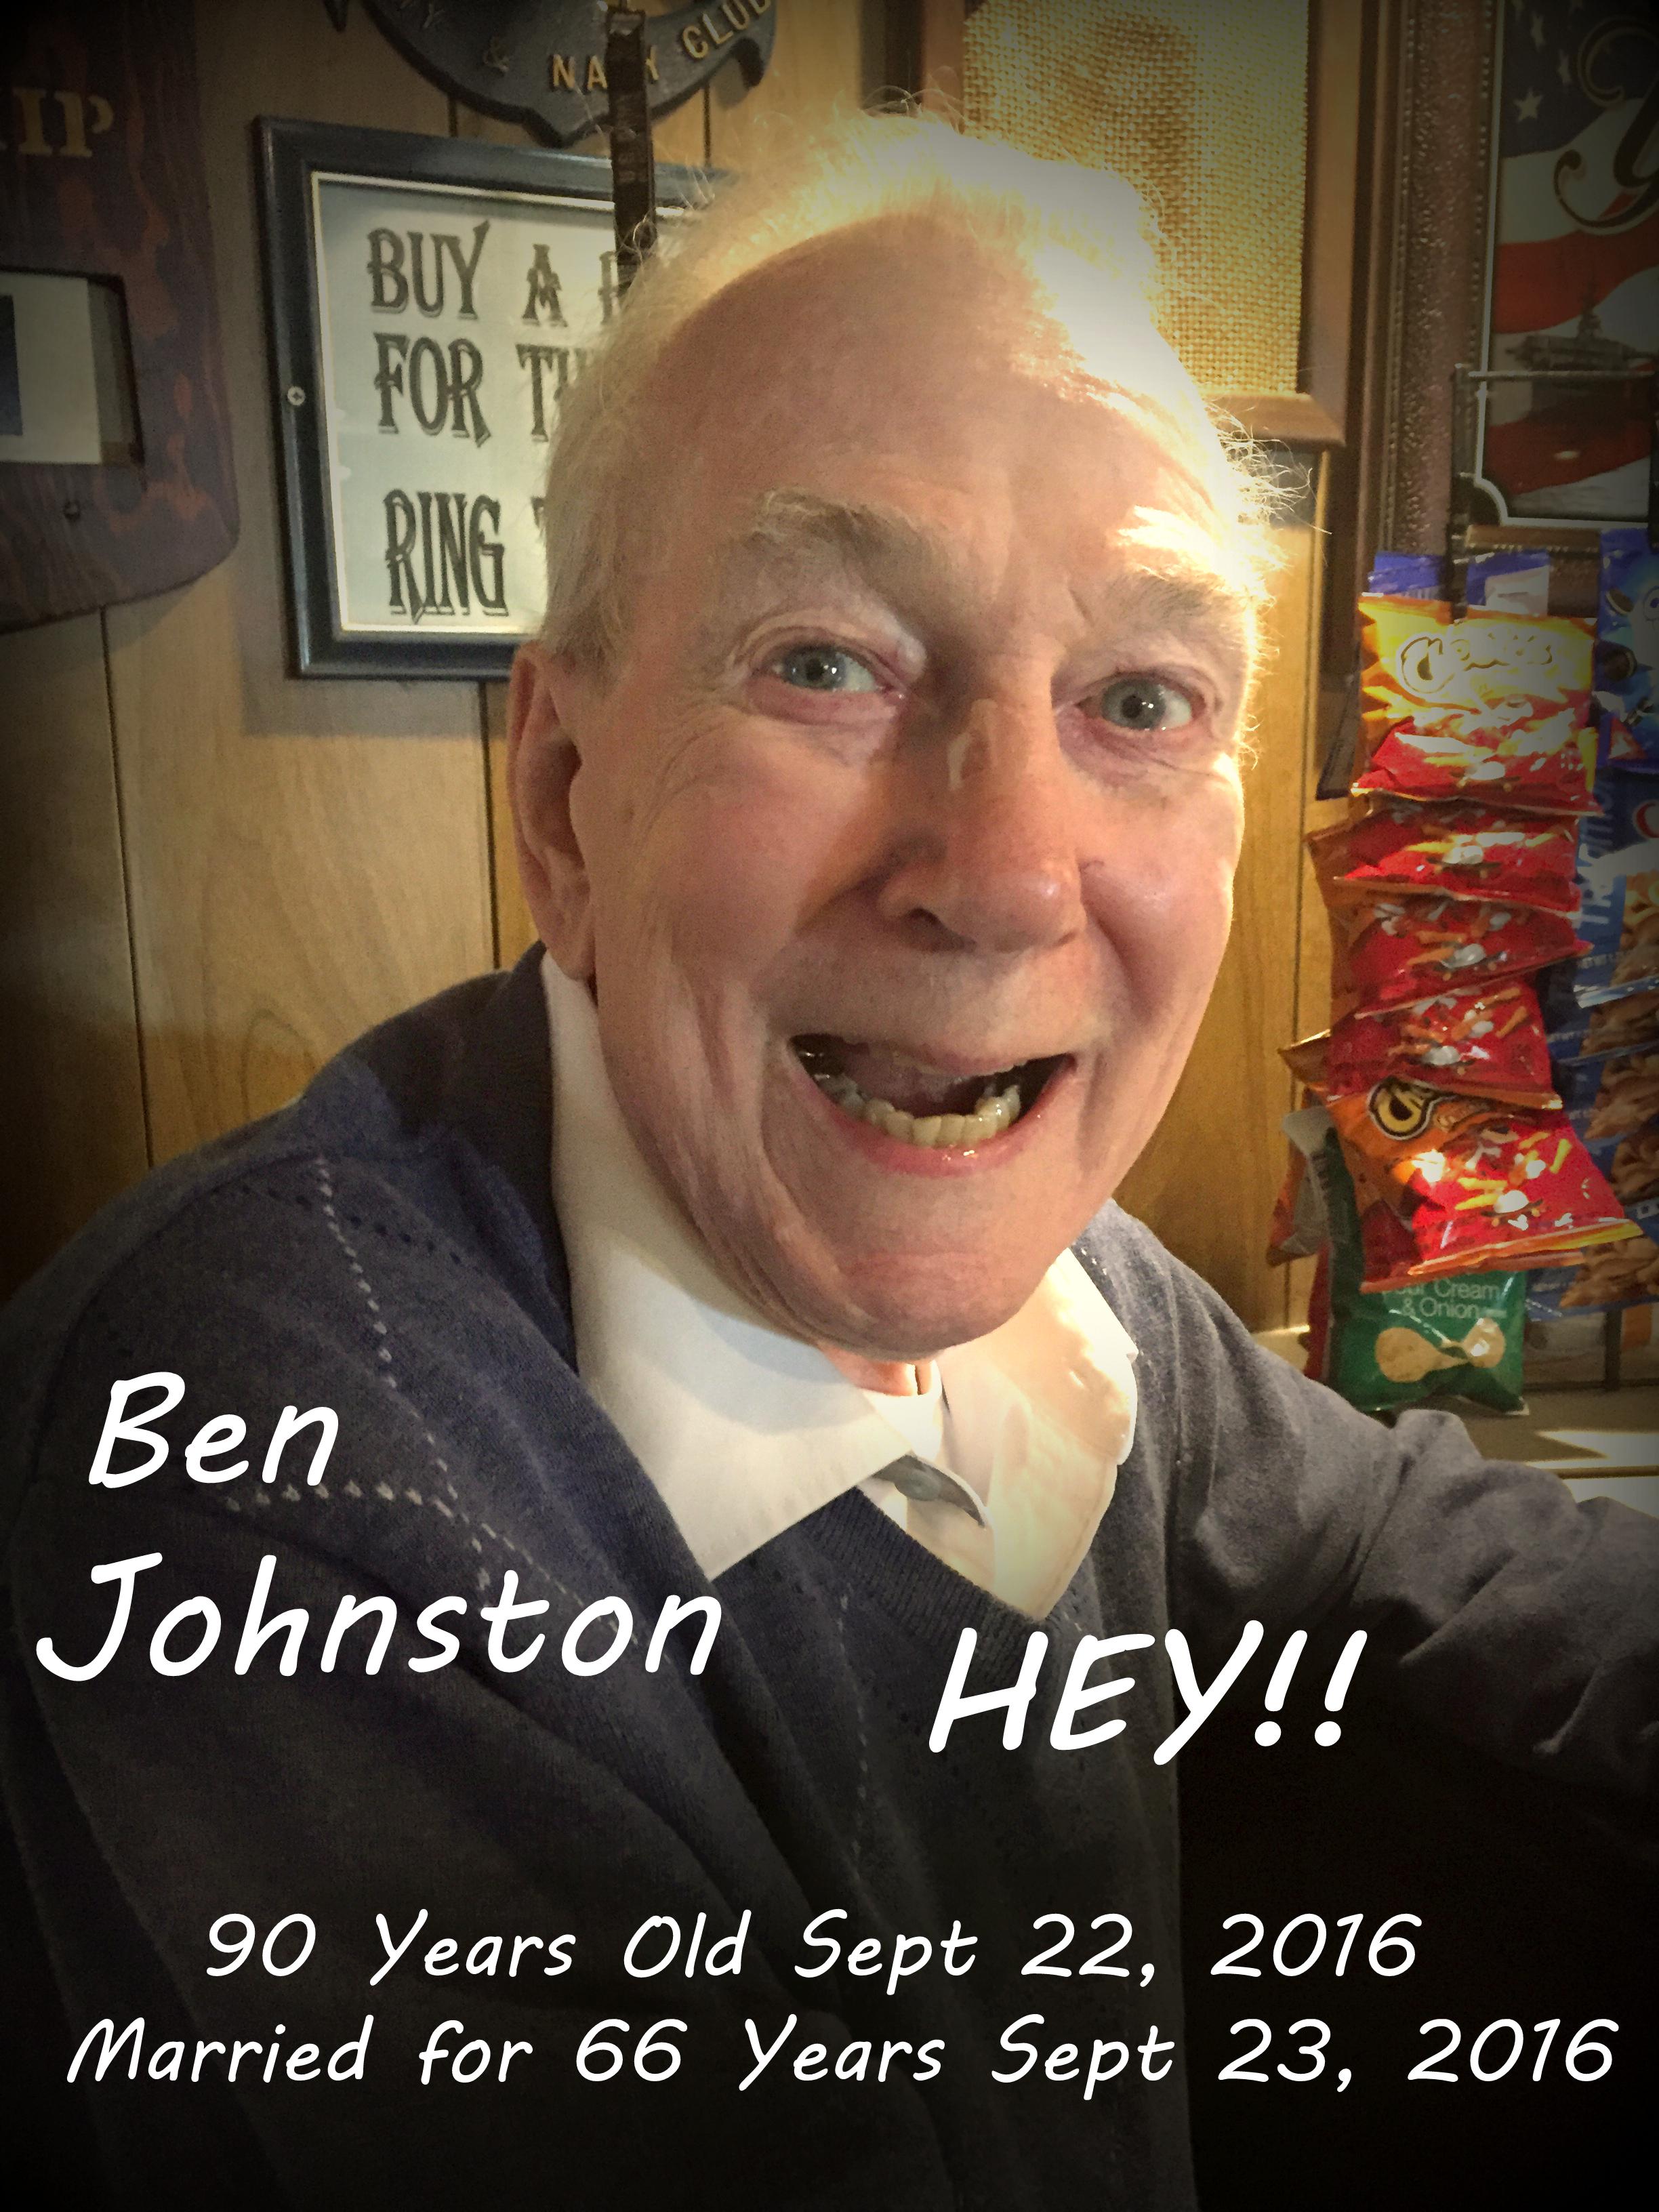 Past President Ben Johnson